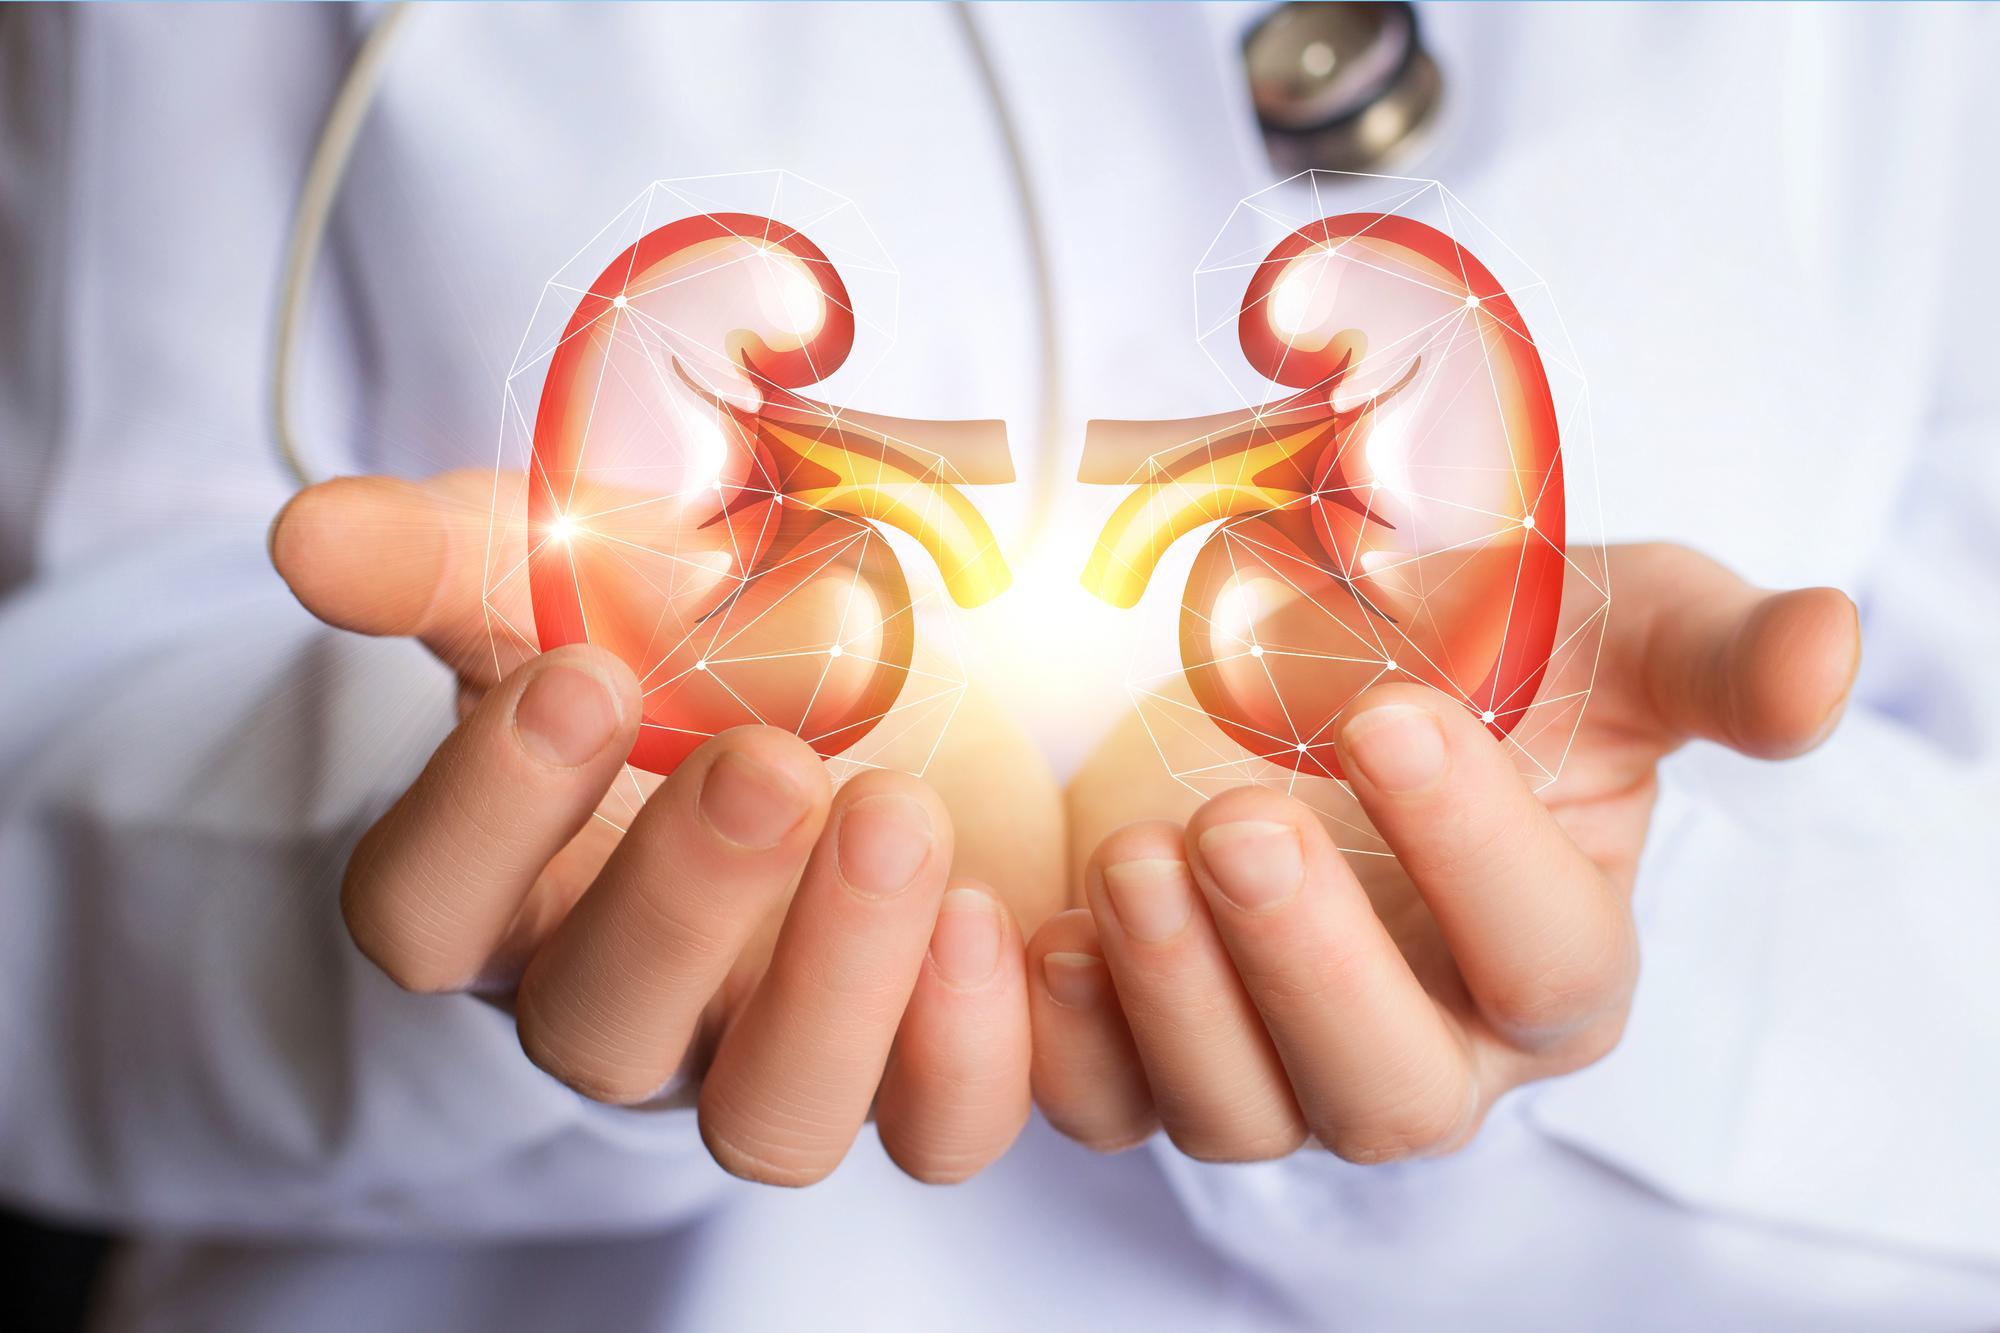 درمان تنبلی کلیه از عفونت به کمک طب سنتی